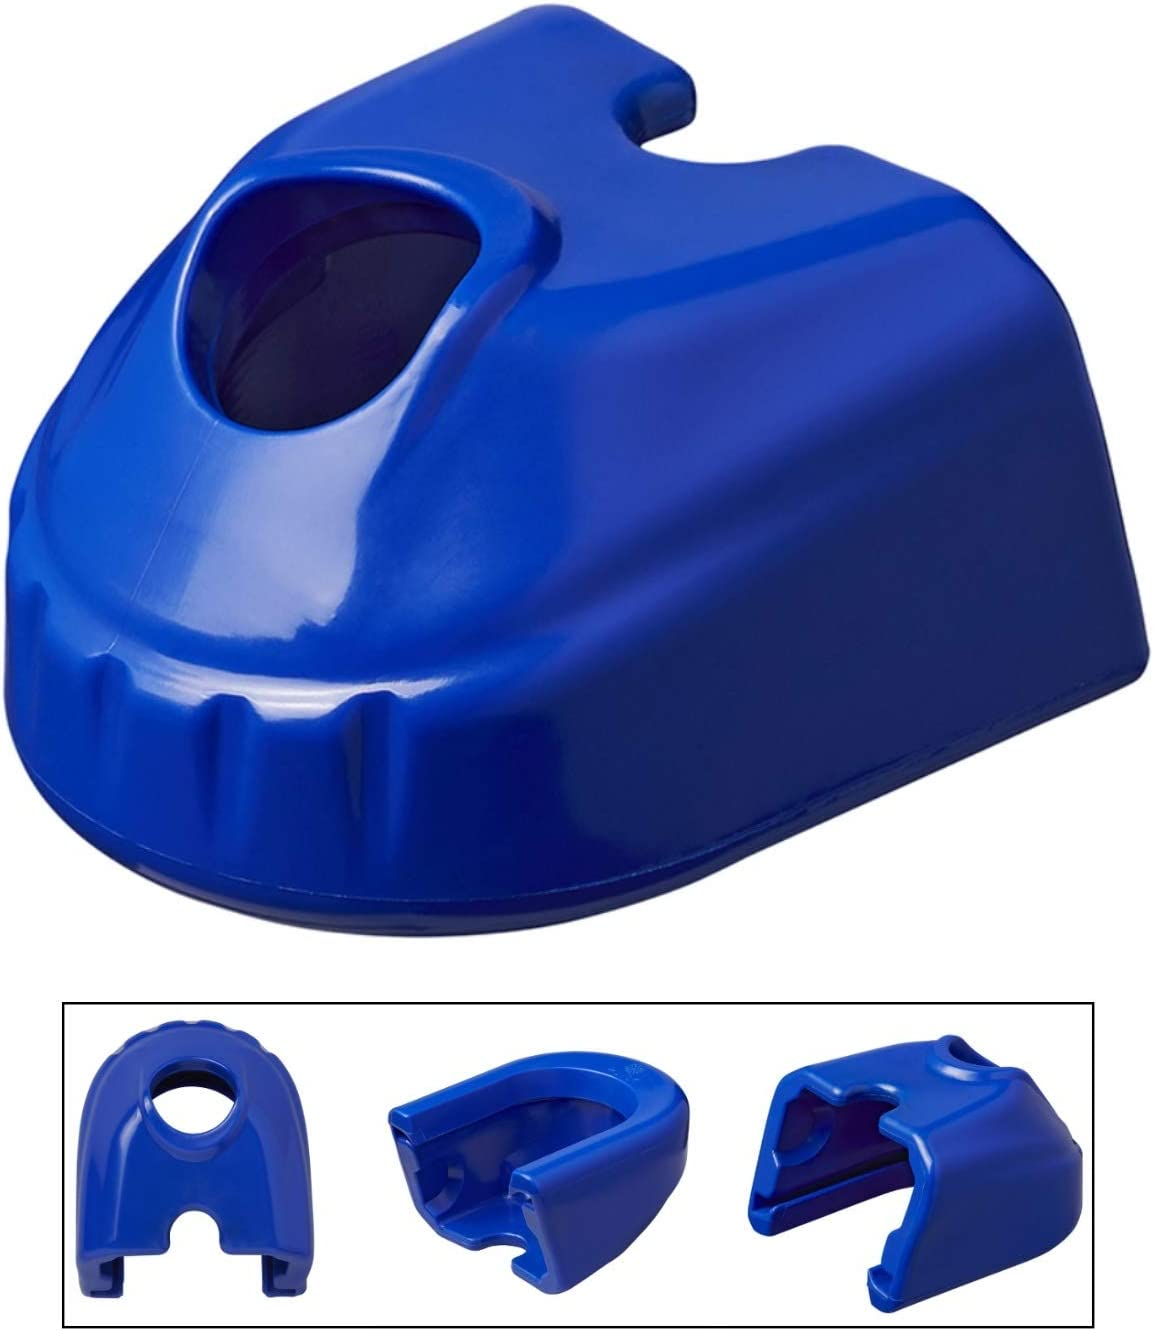 Prallschutz Soft Dock 85x74x110mm Blau Schutz Für Al Ko Kugelkupplungen Anhänger Auto